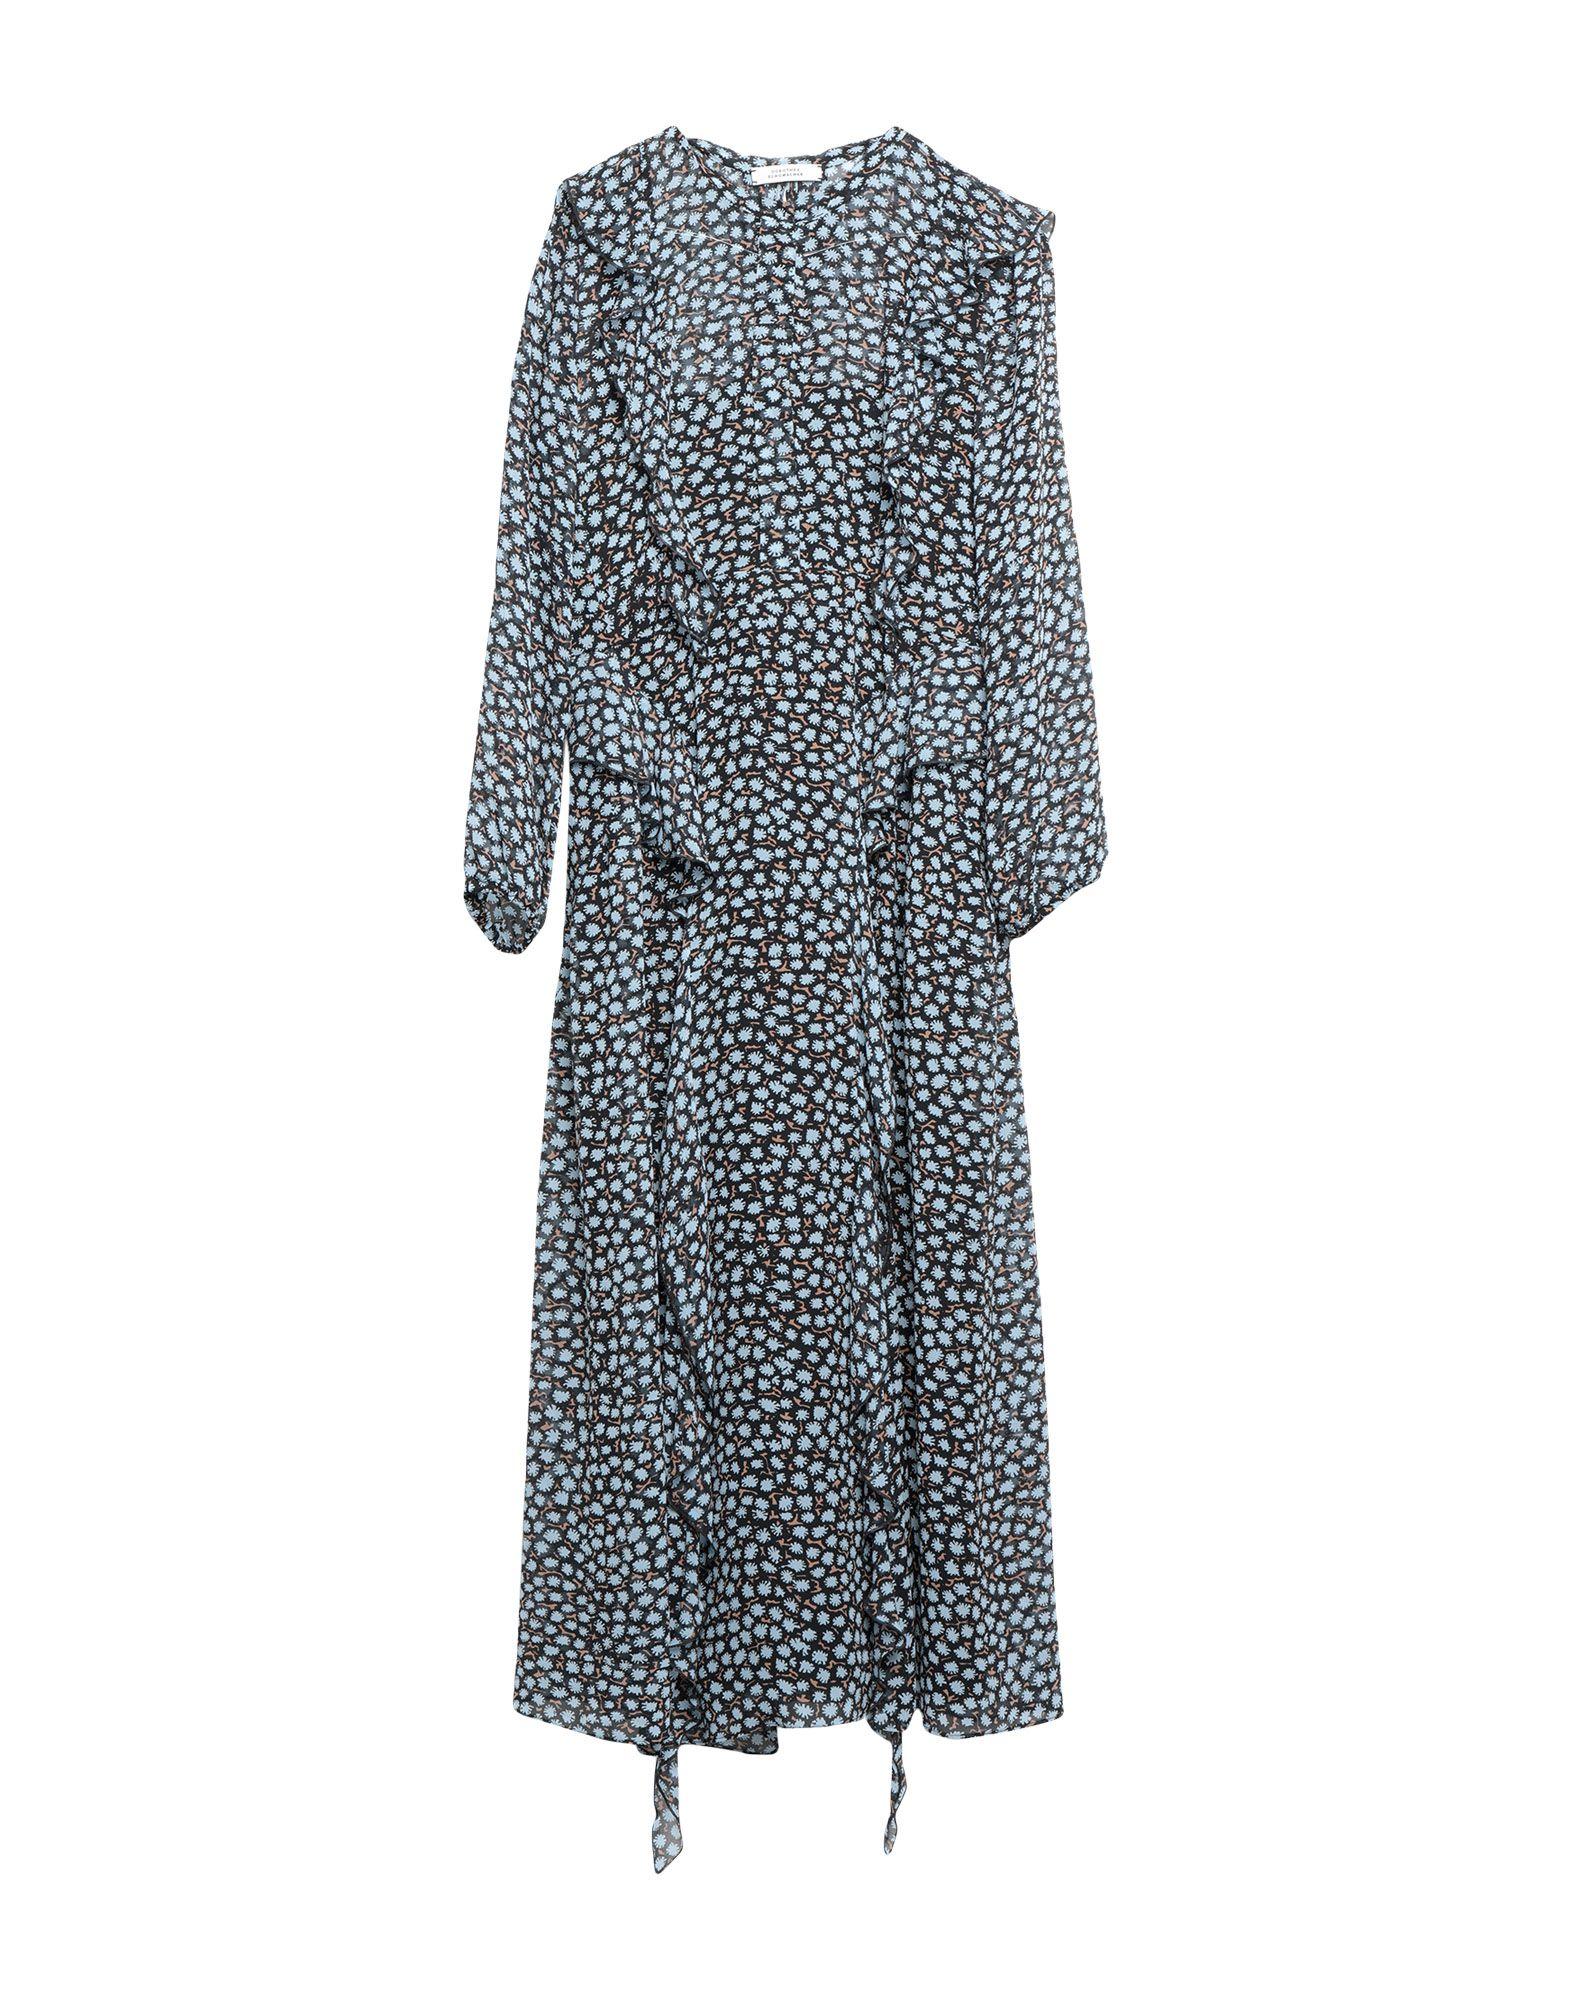 DOROTHEE SCHUMACHER Платье длиной 3/4 цена